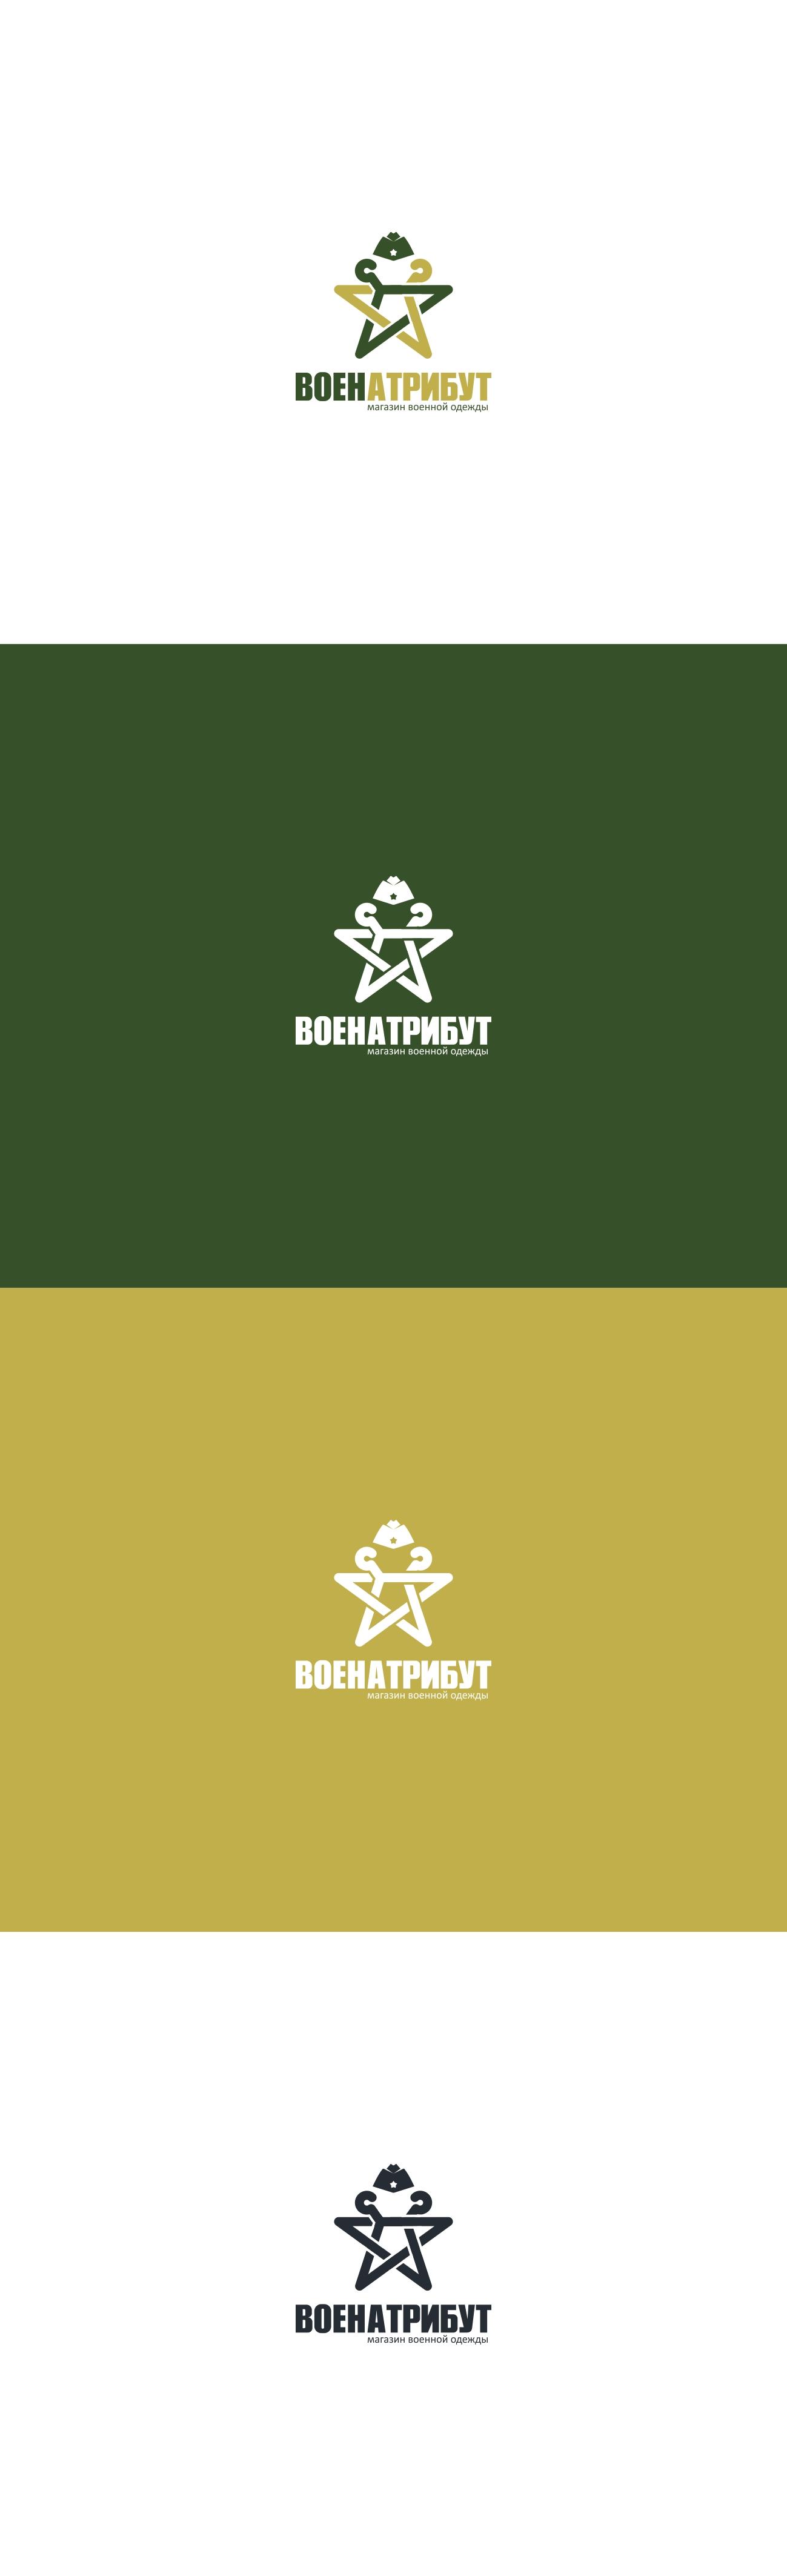 Разработка логотипа для компании военной тематики фото f_654602516dec5823.jpg